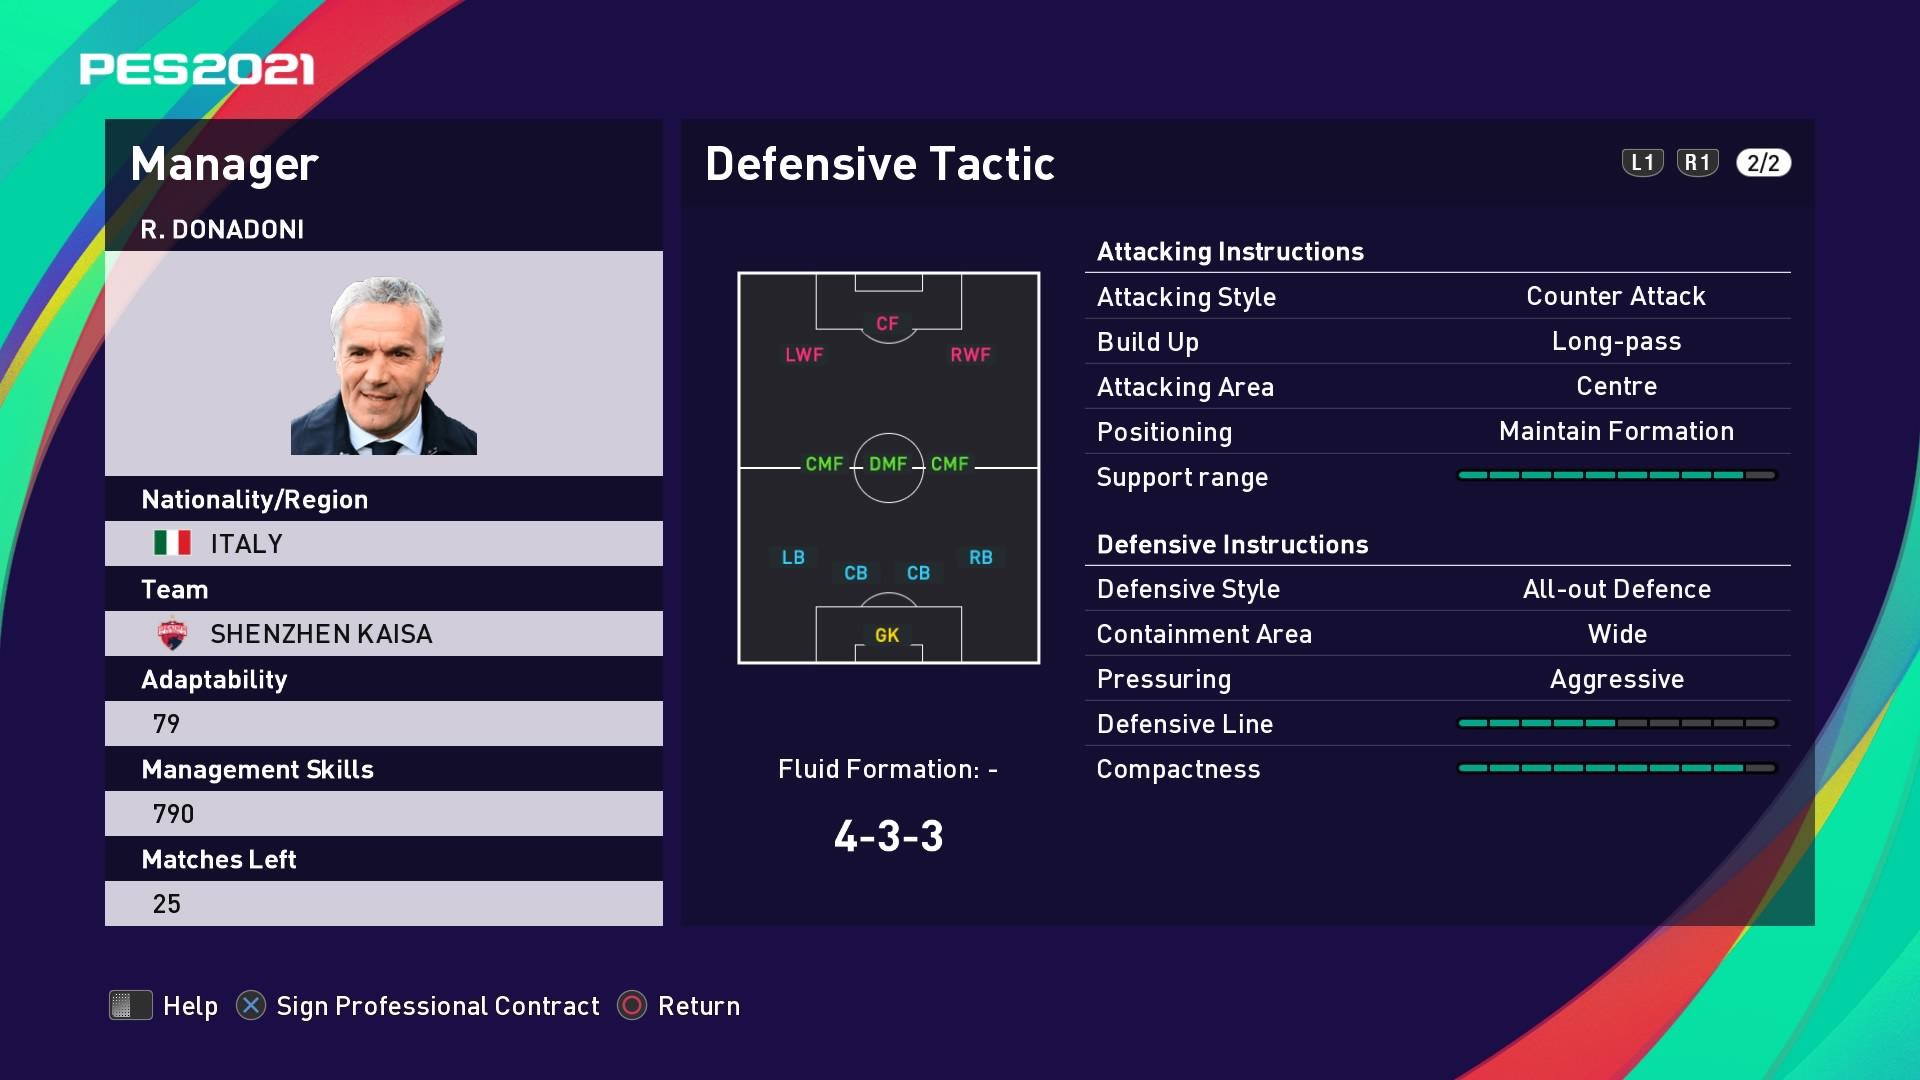 R. Donadoni (Roberto Donadoni) Defensive Tactic in PES 2021 myClub